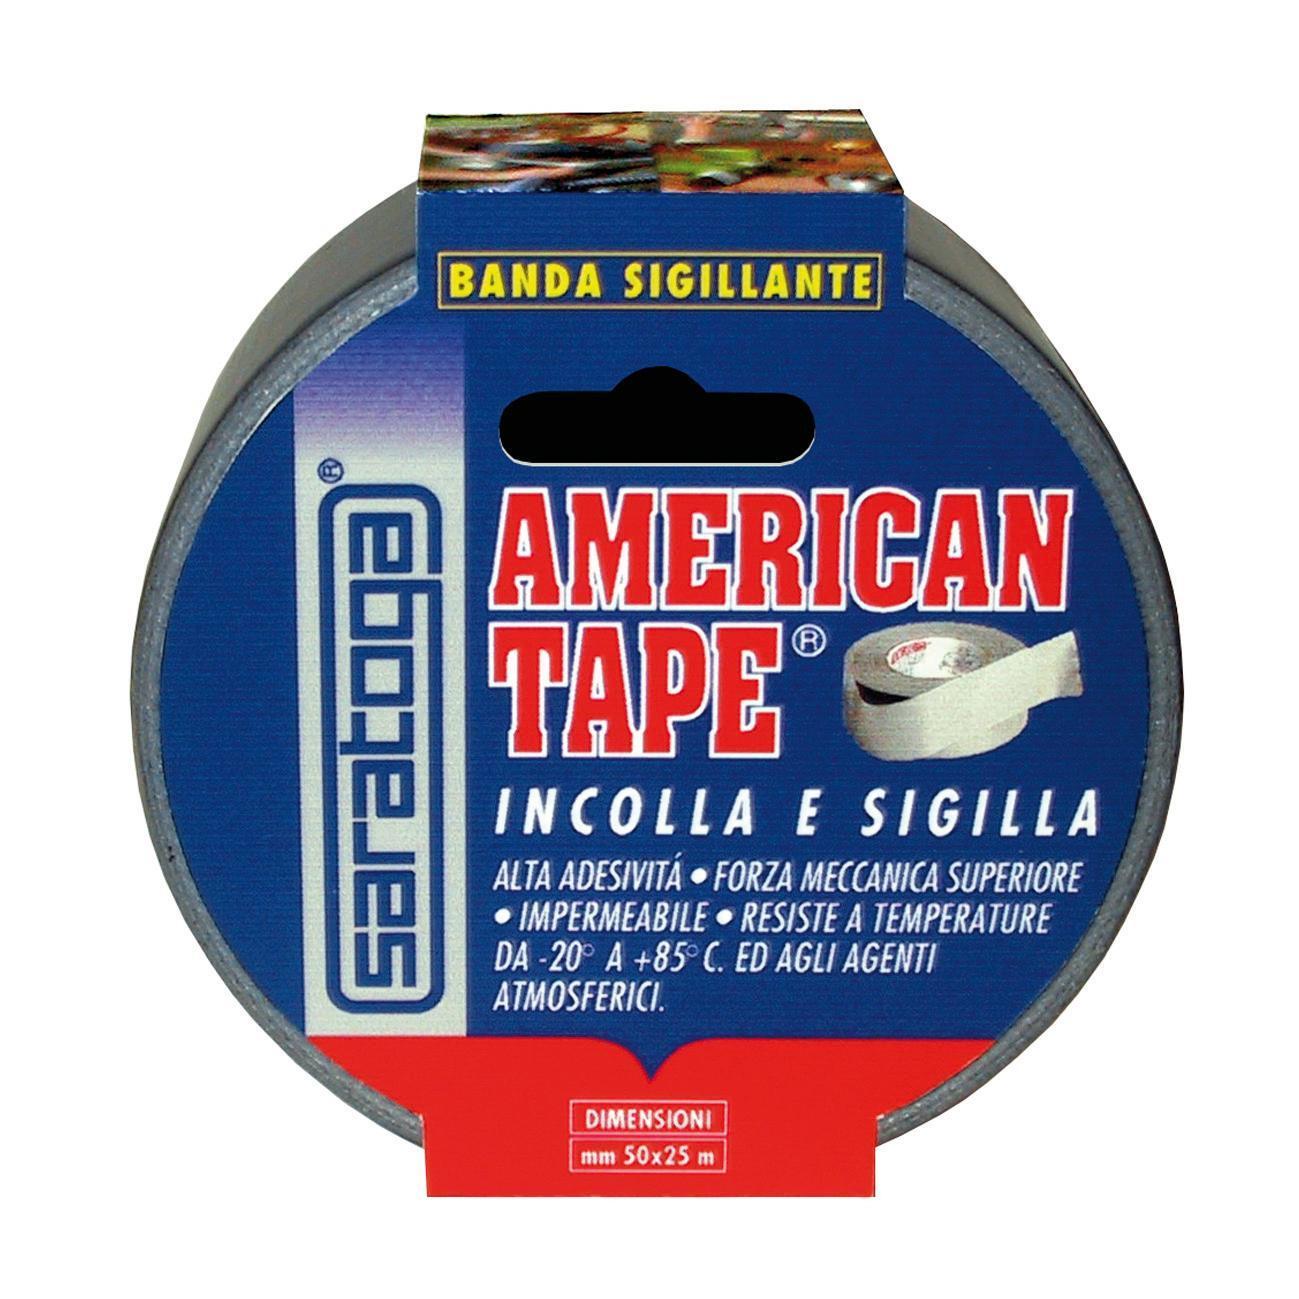 Nastro adesivo American Tape 25 m 50 mm x 25 m grigio - 1